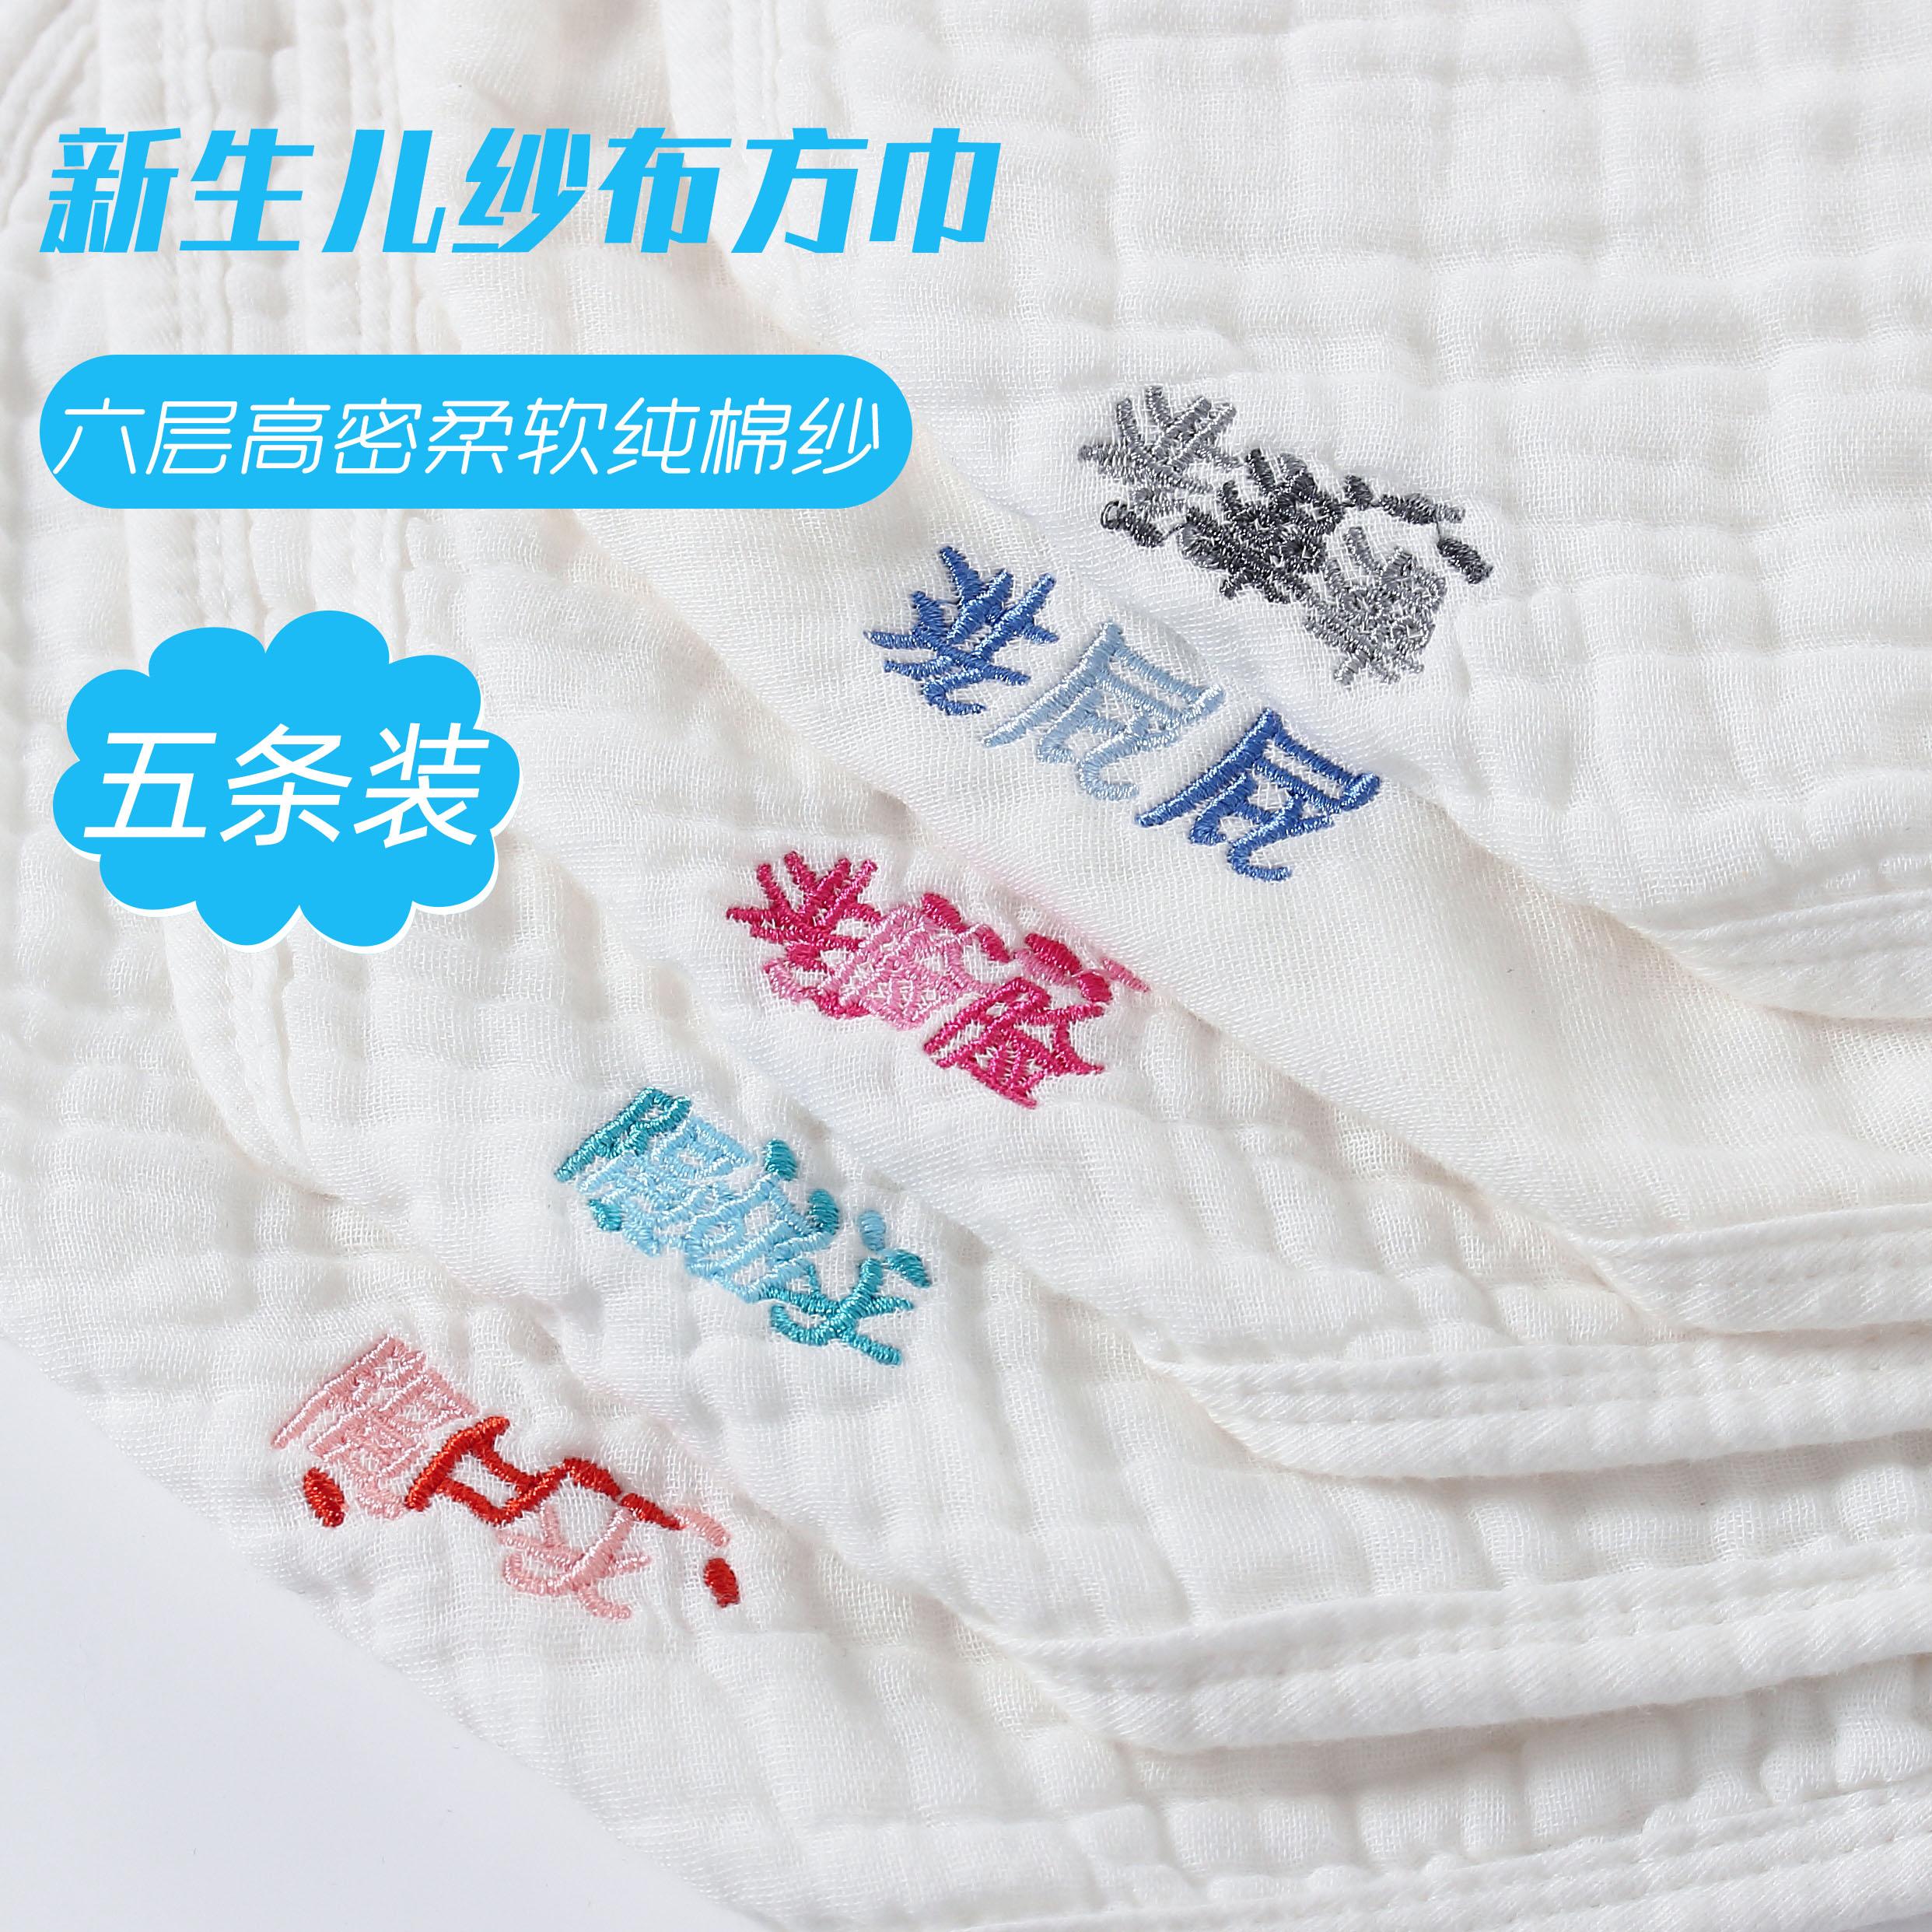 婴儿口水巾宝宝纱布毛巾纯棉洗澡小方巾6层超软新生儿用品洗脸巾